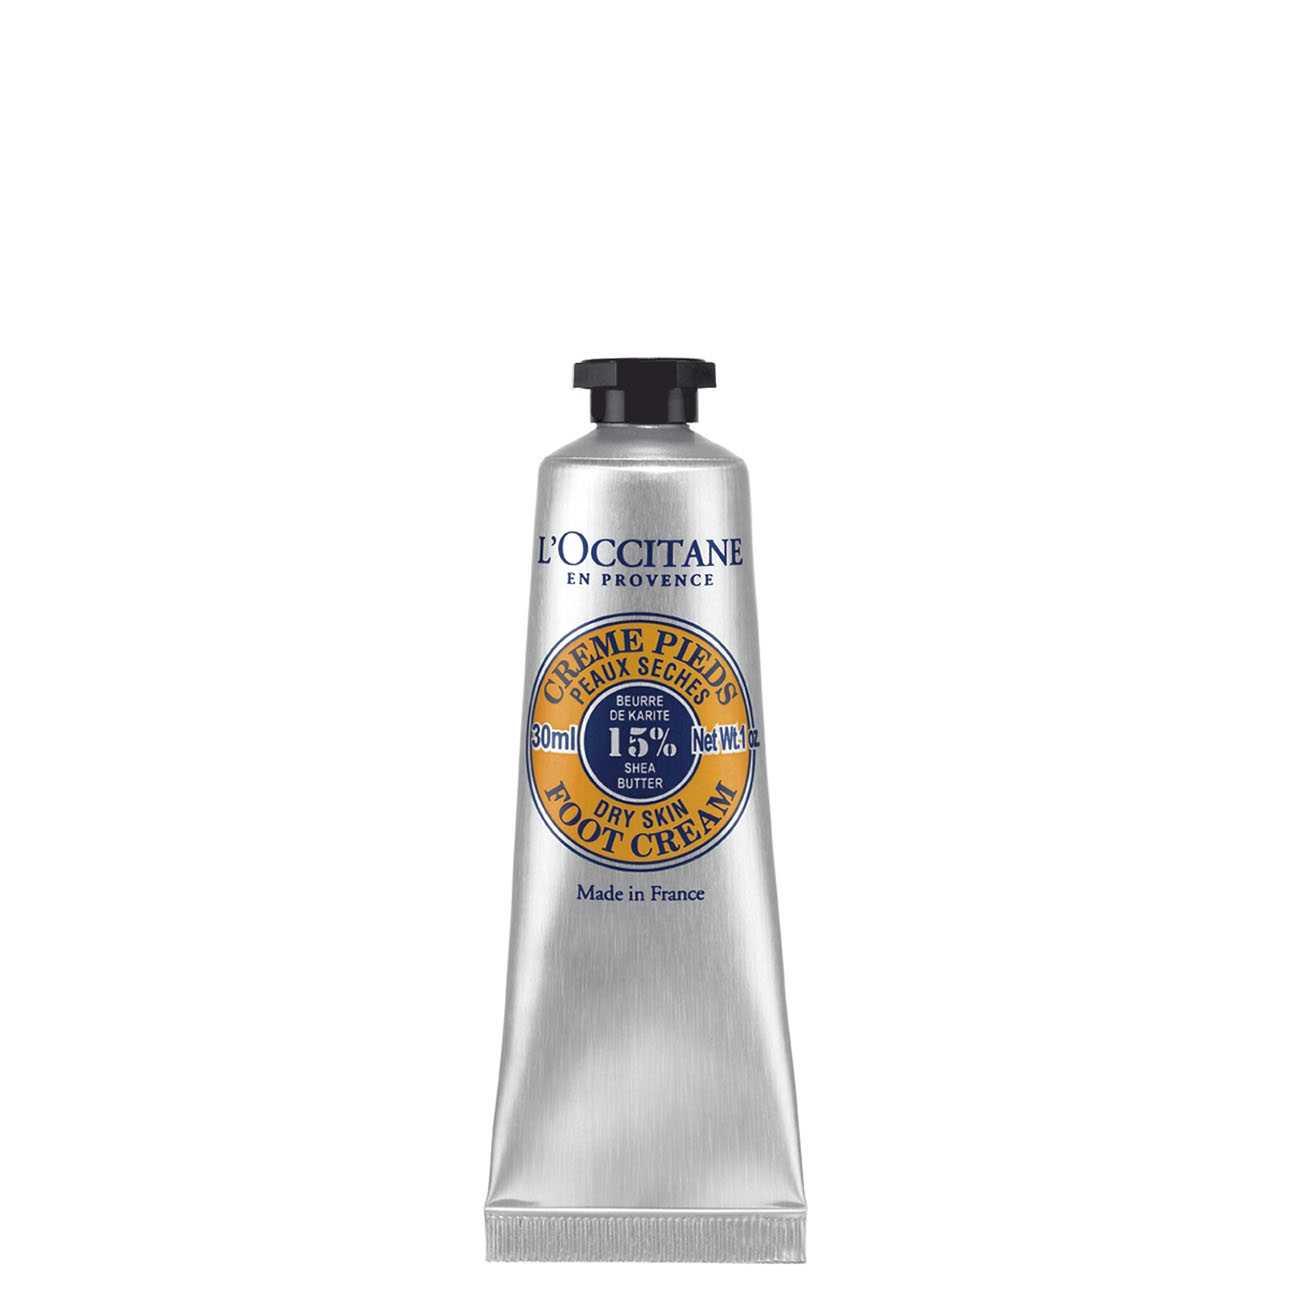 Shea Butter Foot Cream 30 Ml L`Occitane en Provence imagine 2021 bestvalue.eu